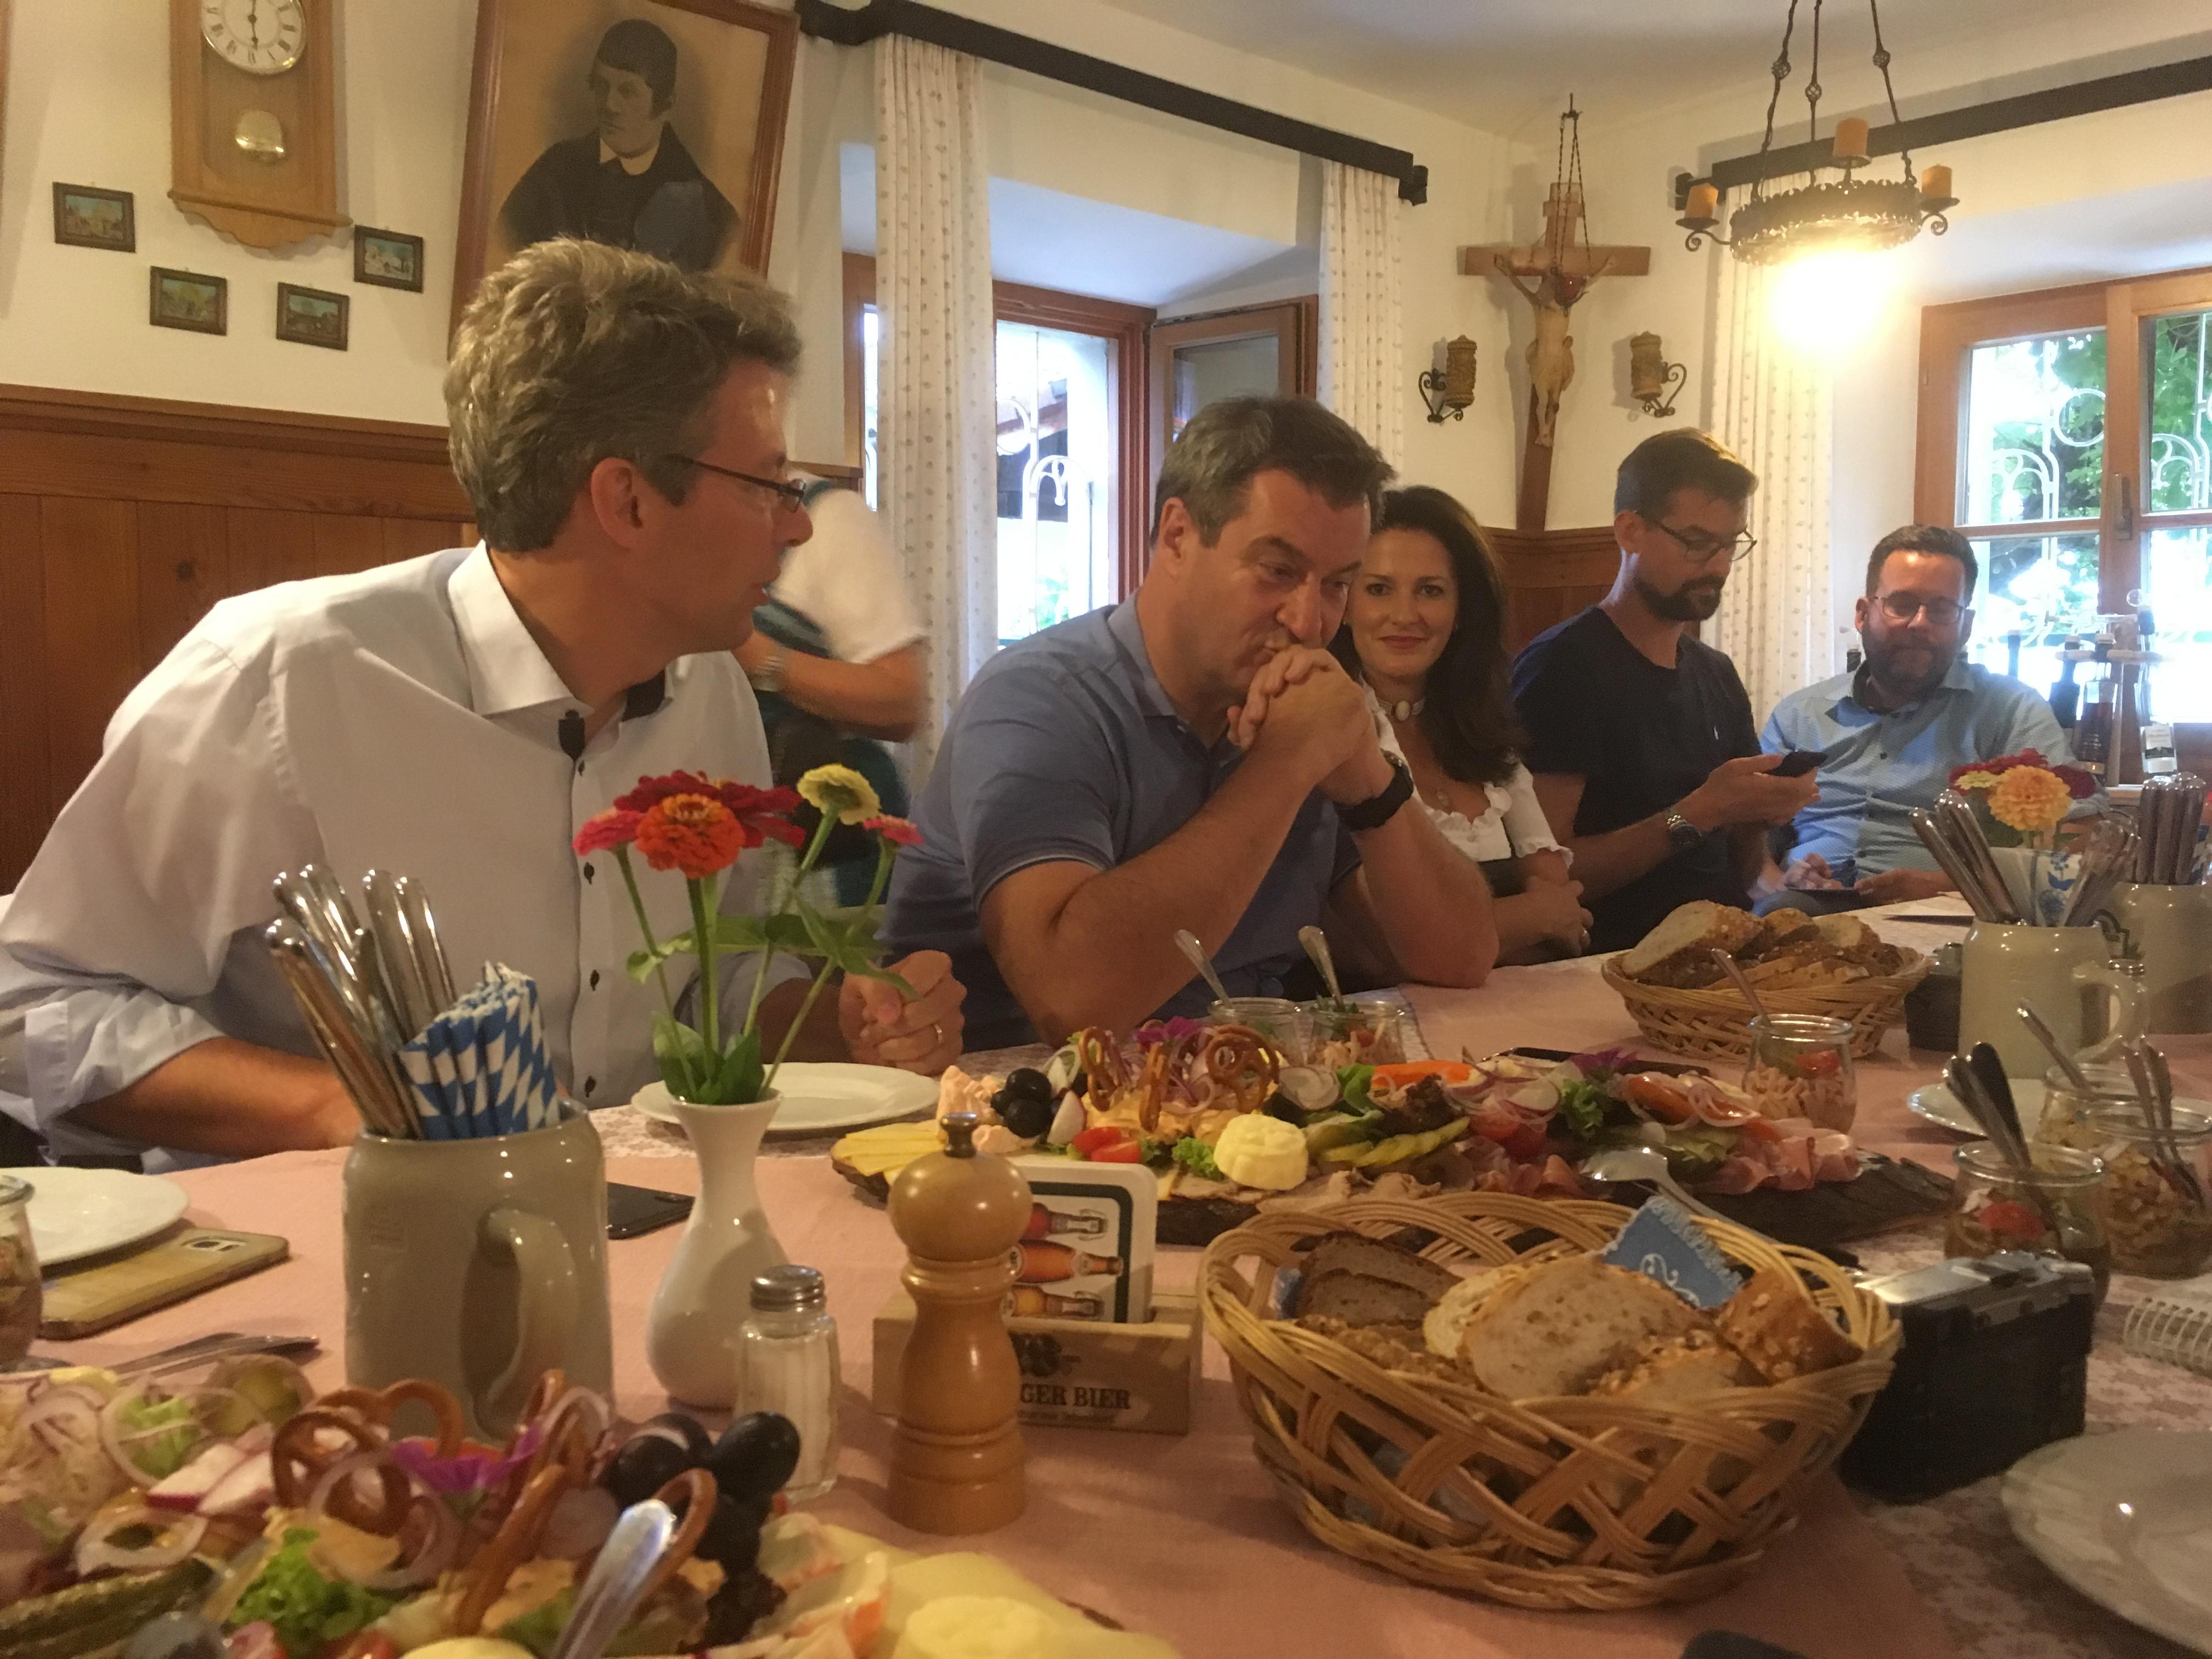 Bayerns Ministerpräsident Markus Söder (Mitte) beim Pressegespräche im Landtagswahlkampf 2018. Die Szene entstand in der Nähe von Anger, im Berchtesgardner Land. Links von ihm Generalsekretär Markus Blume, rechts Agrarministerin Michaela Kaniber.